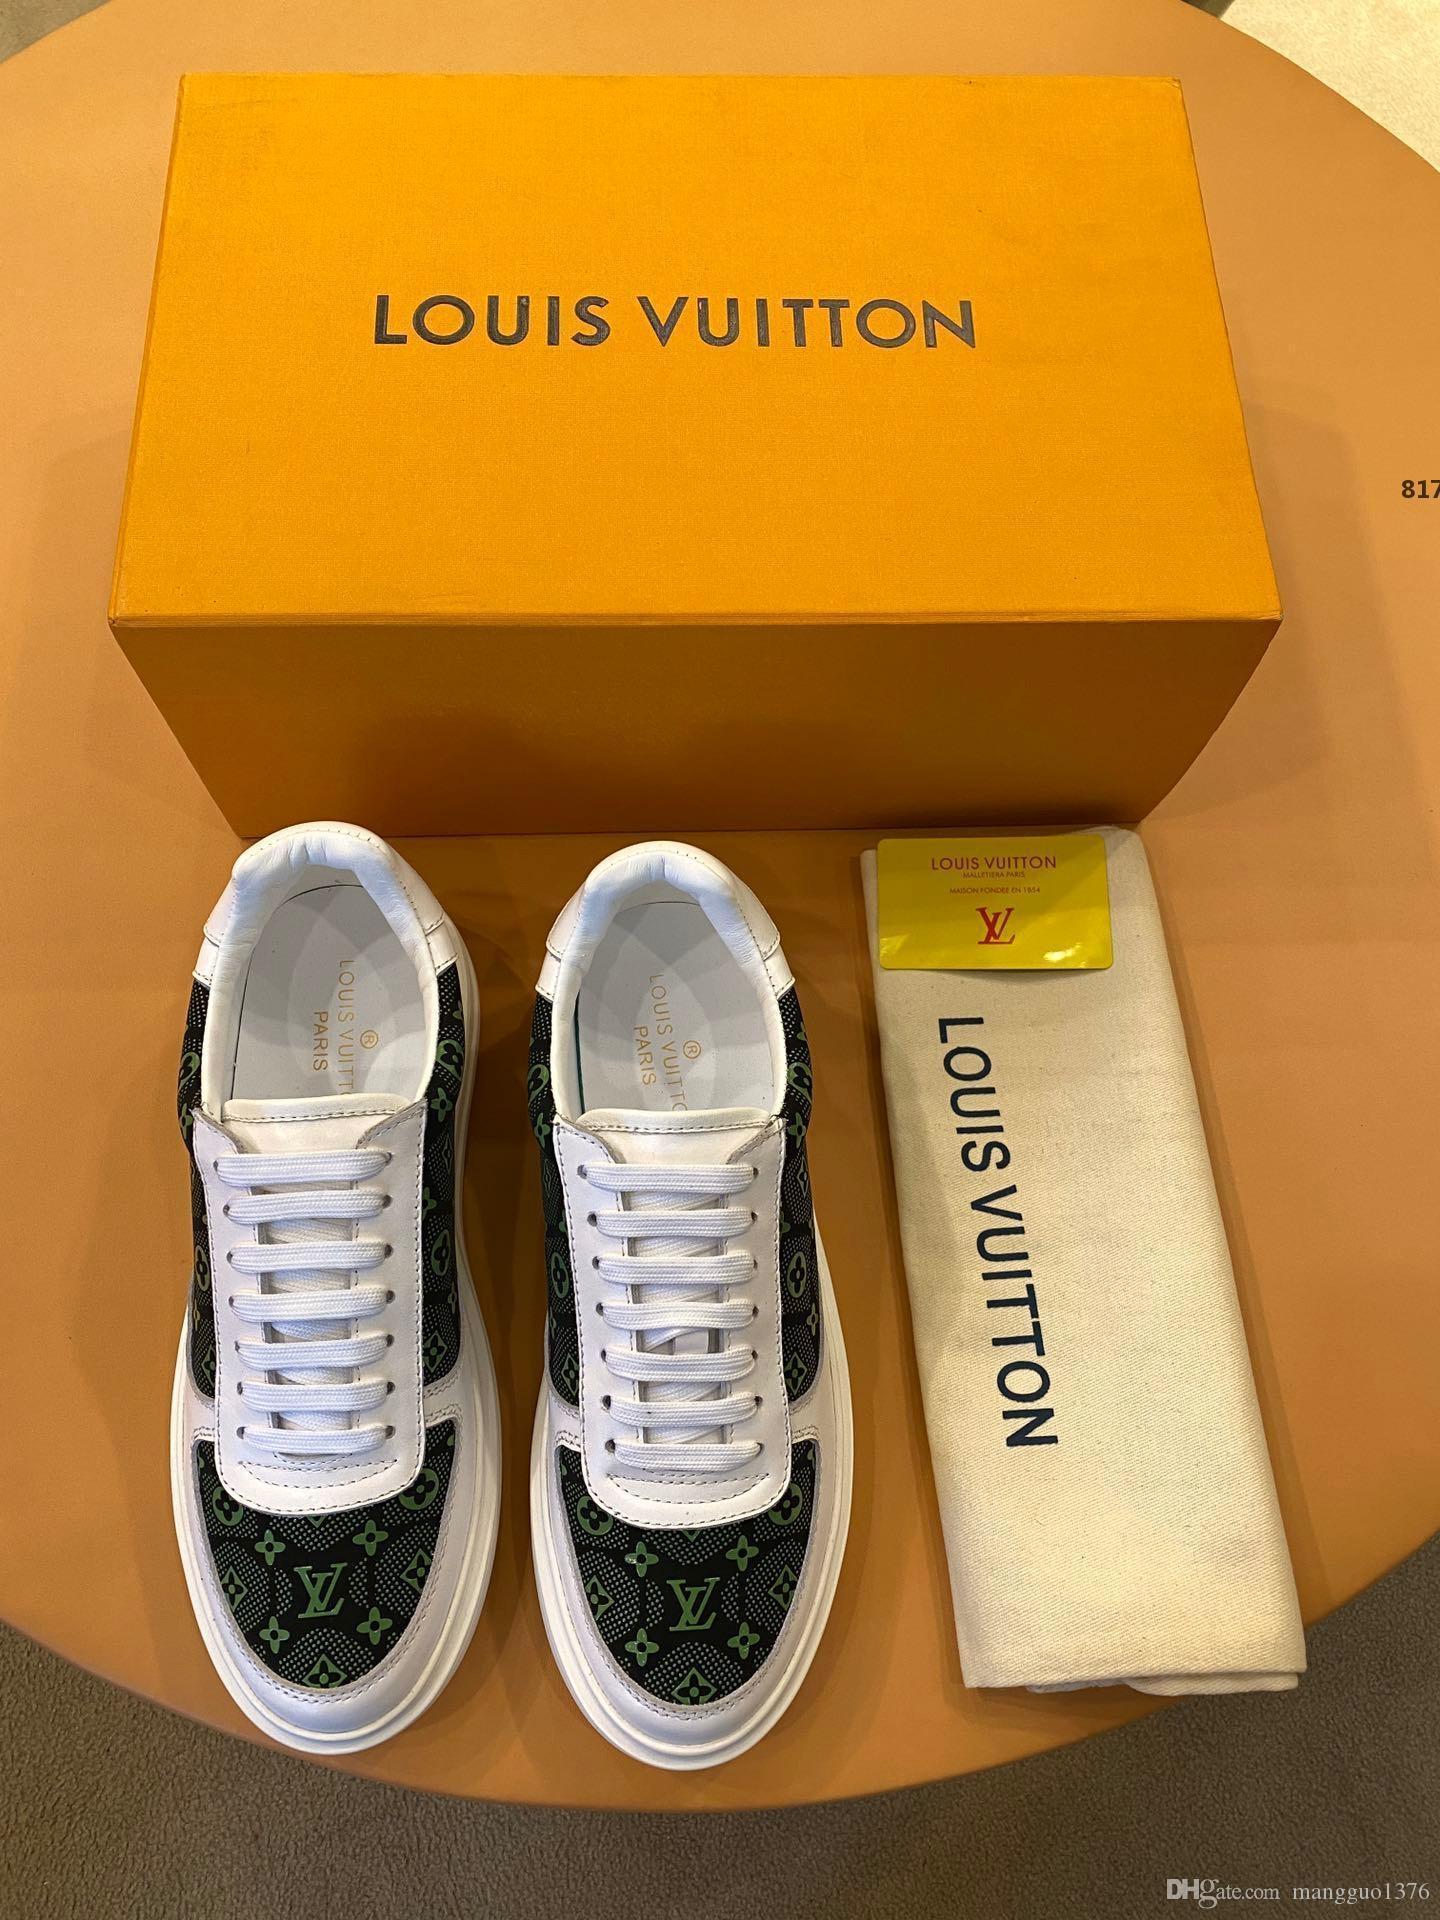 Luxus-Designer-817 2020 neue Männer-Schuh-Turnschuh-Lace-Up Top Fashion Casual Luxury Herren Schuhe Fußbekleidungen Origin-Kasten-Größe 38-45